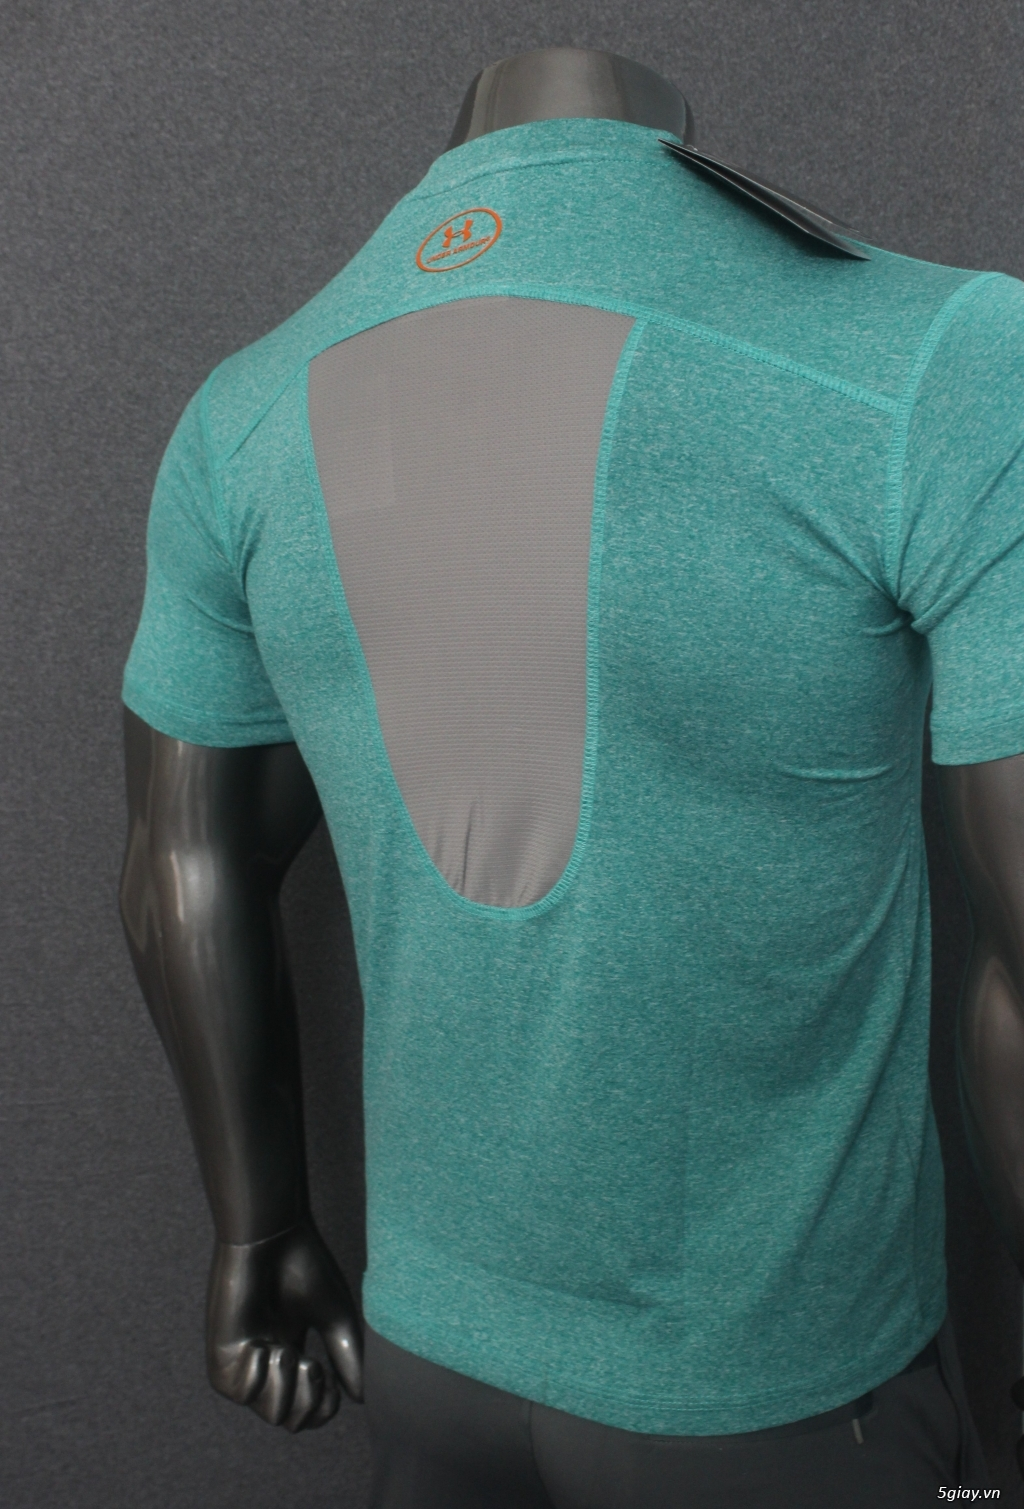 Chuyên cung cấp quần áo thể thao Adidas,Nike,Under Armour,Puma...trên Toàn Quốc giá xưởng - 29